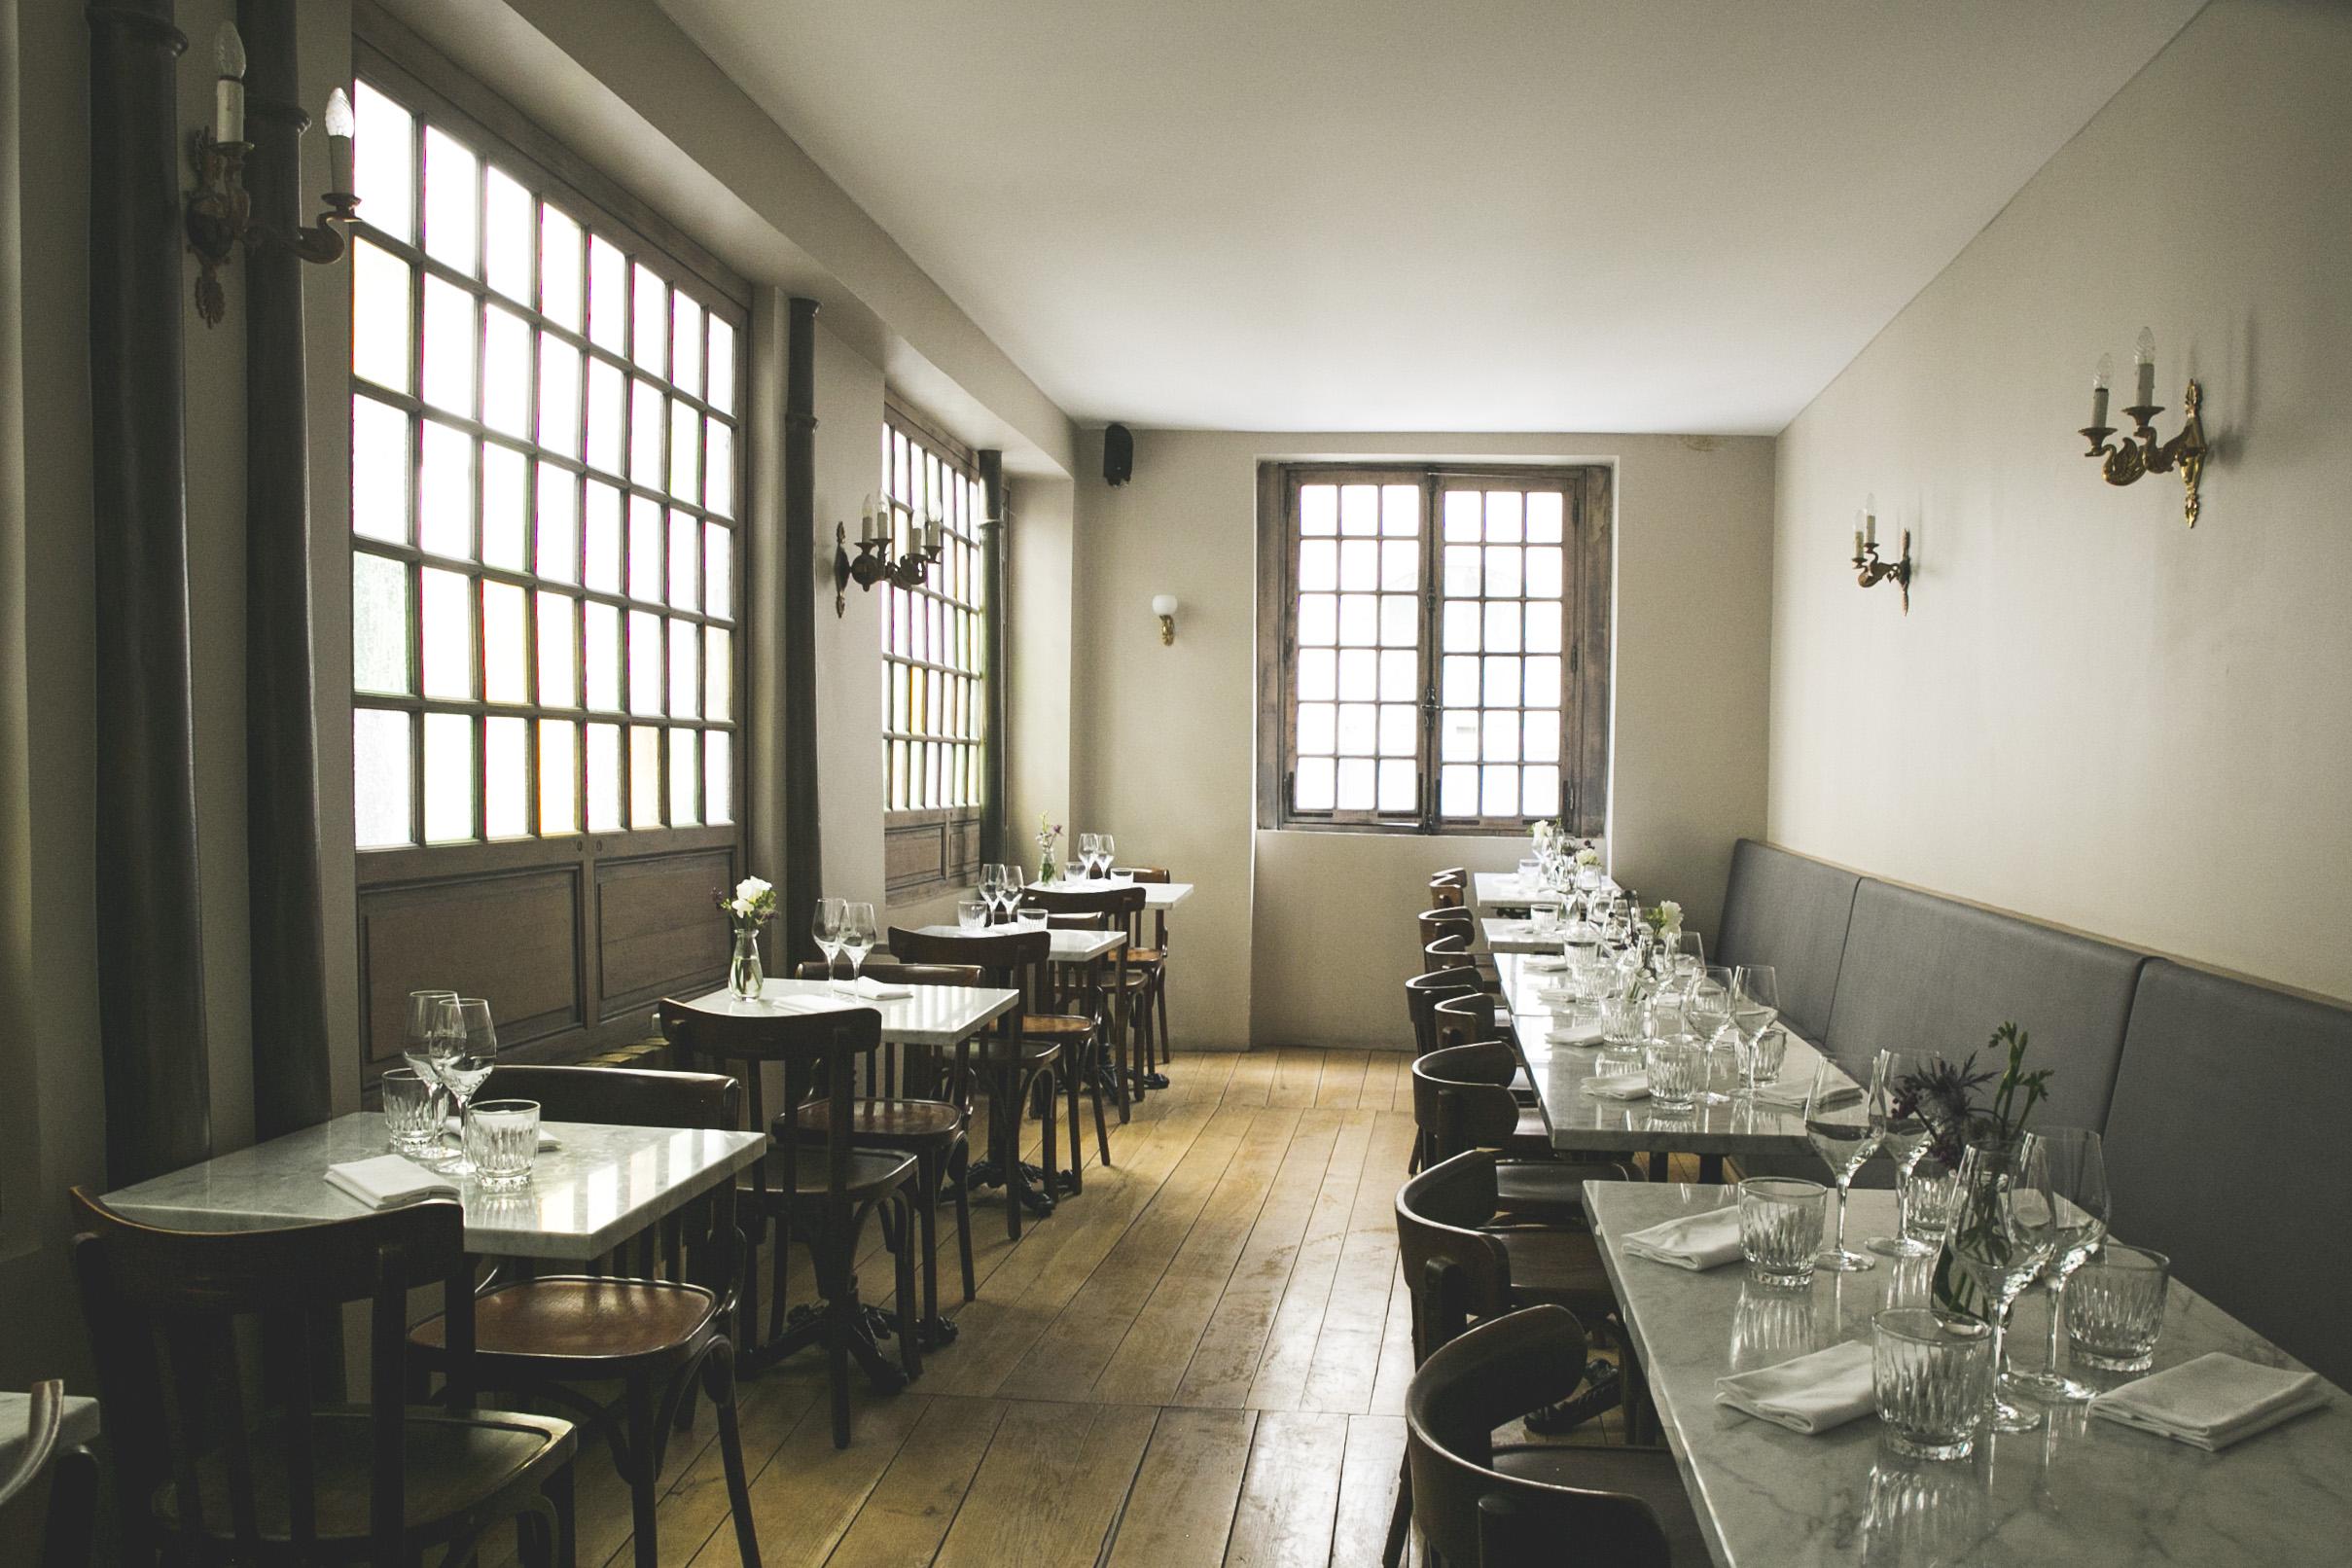 Ellsworth Dining Room .jpg